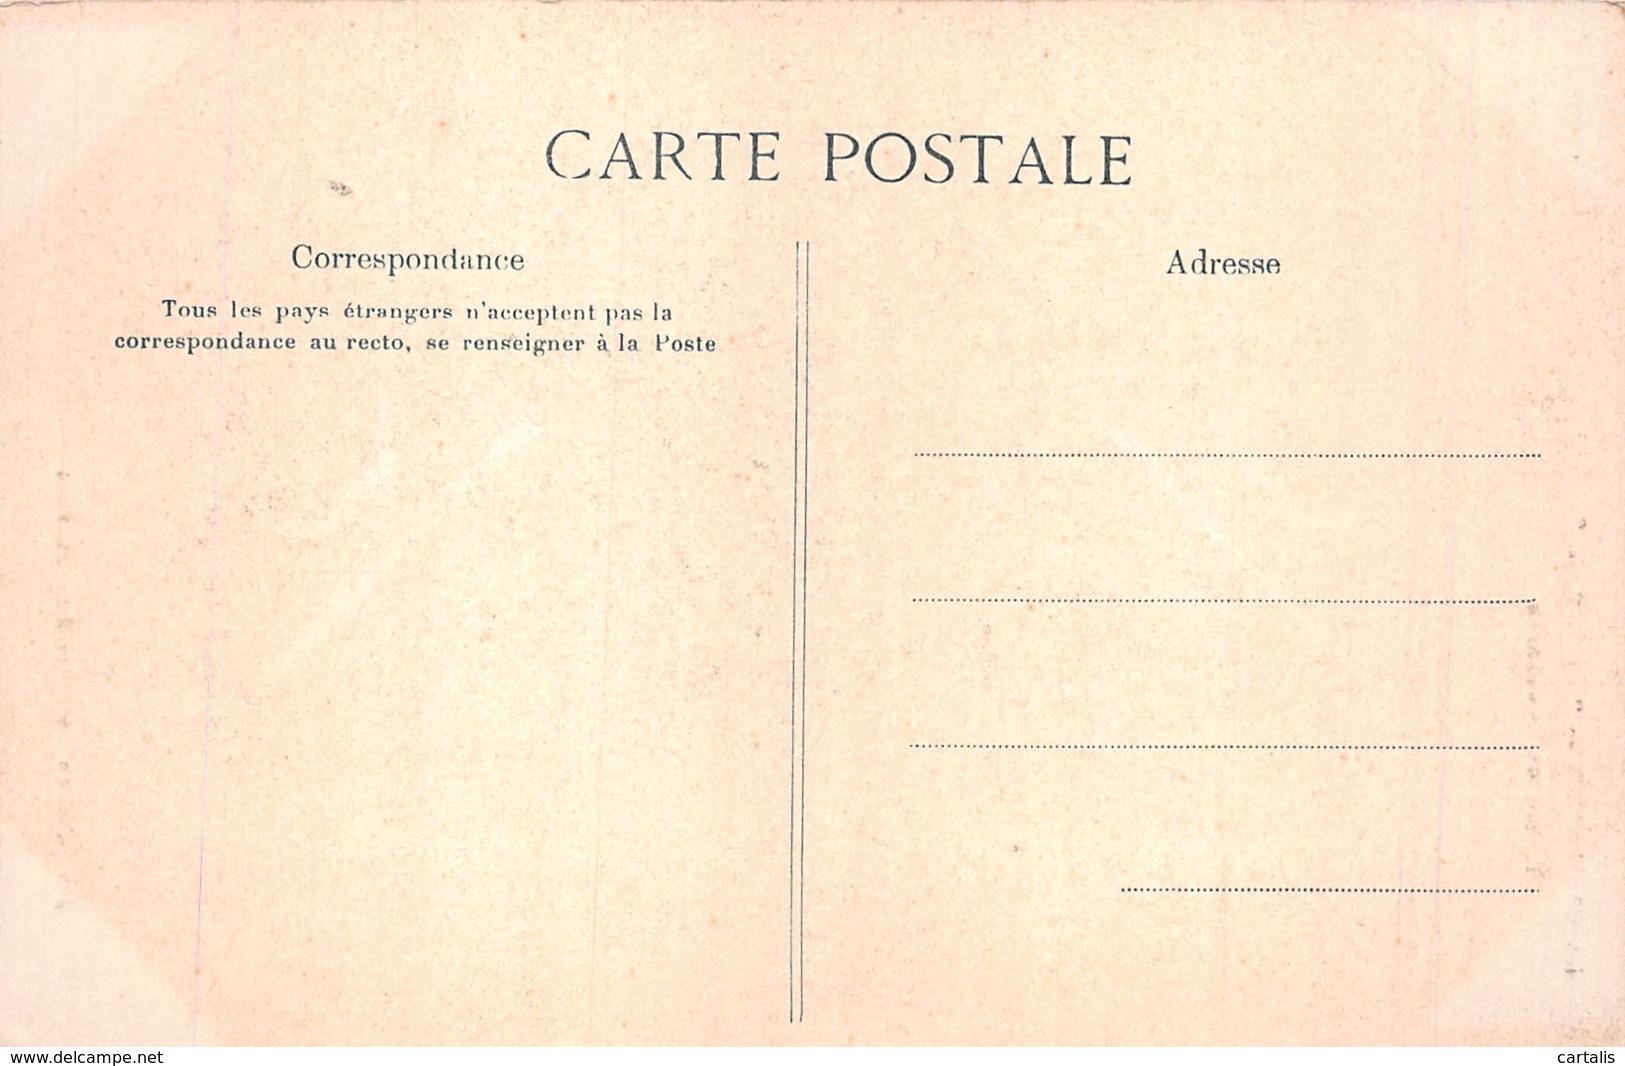 50-JEUNE LAITIERE DU COTENTIN-N°C-4378-B/0361 - France